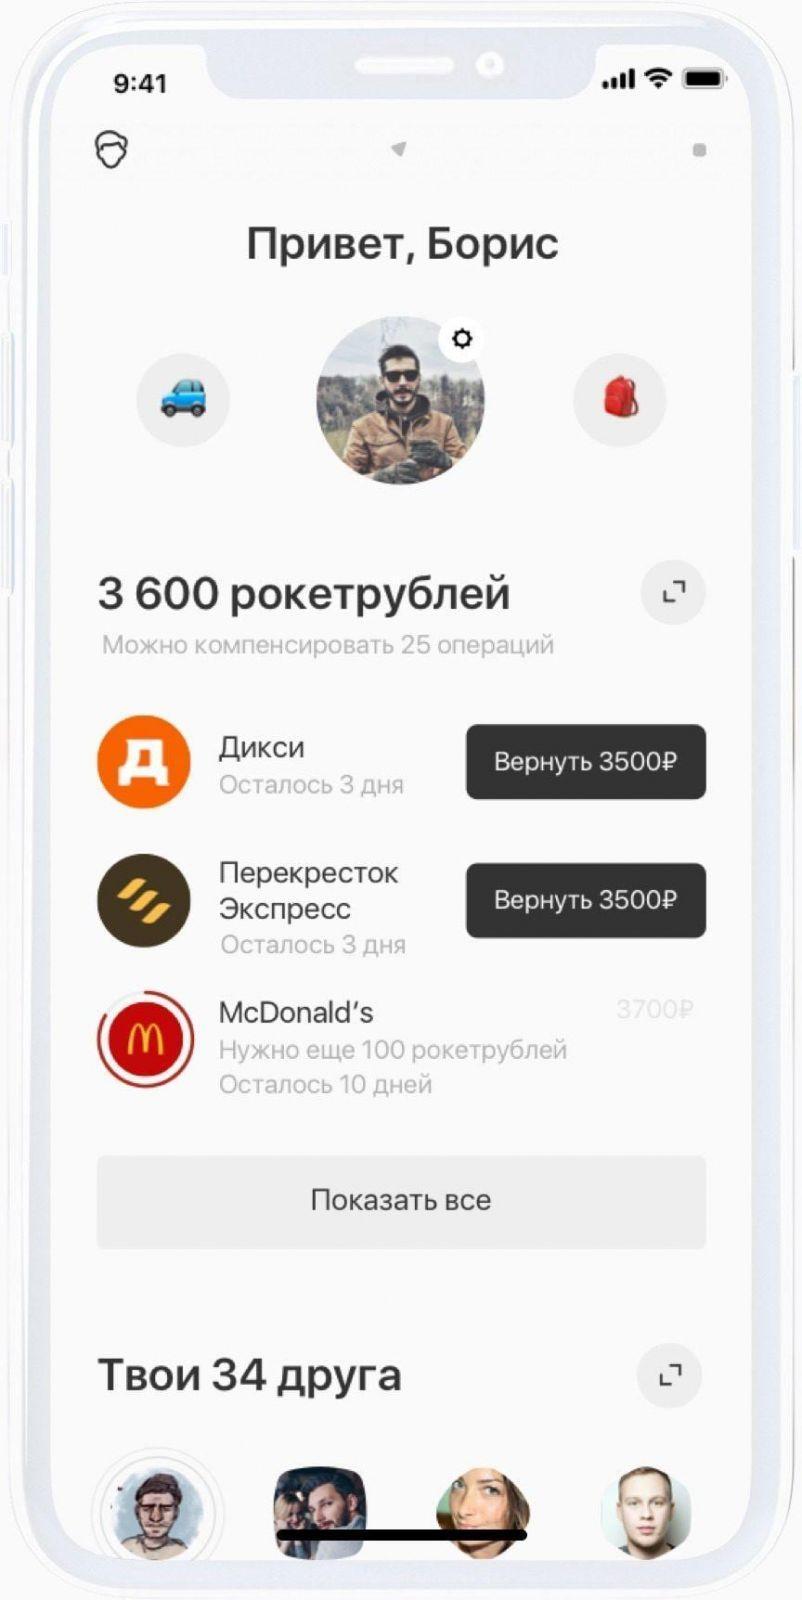 Рокетбанк запускает новое приложение для iOS, которое напомнит об оплате счетов (1 7facd6ad776709bf8a1bfdce4890253f)